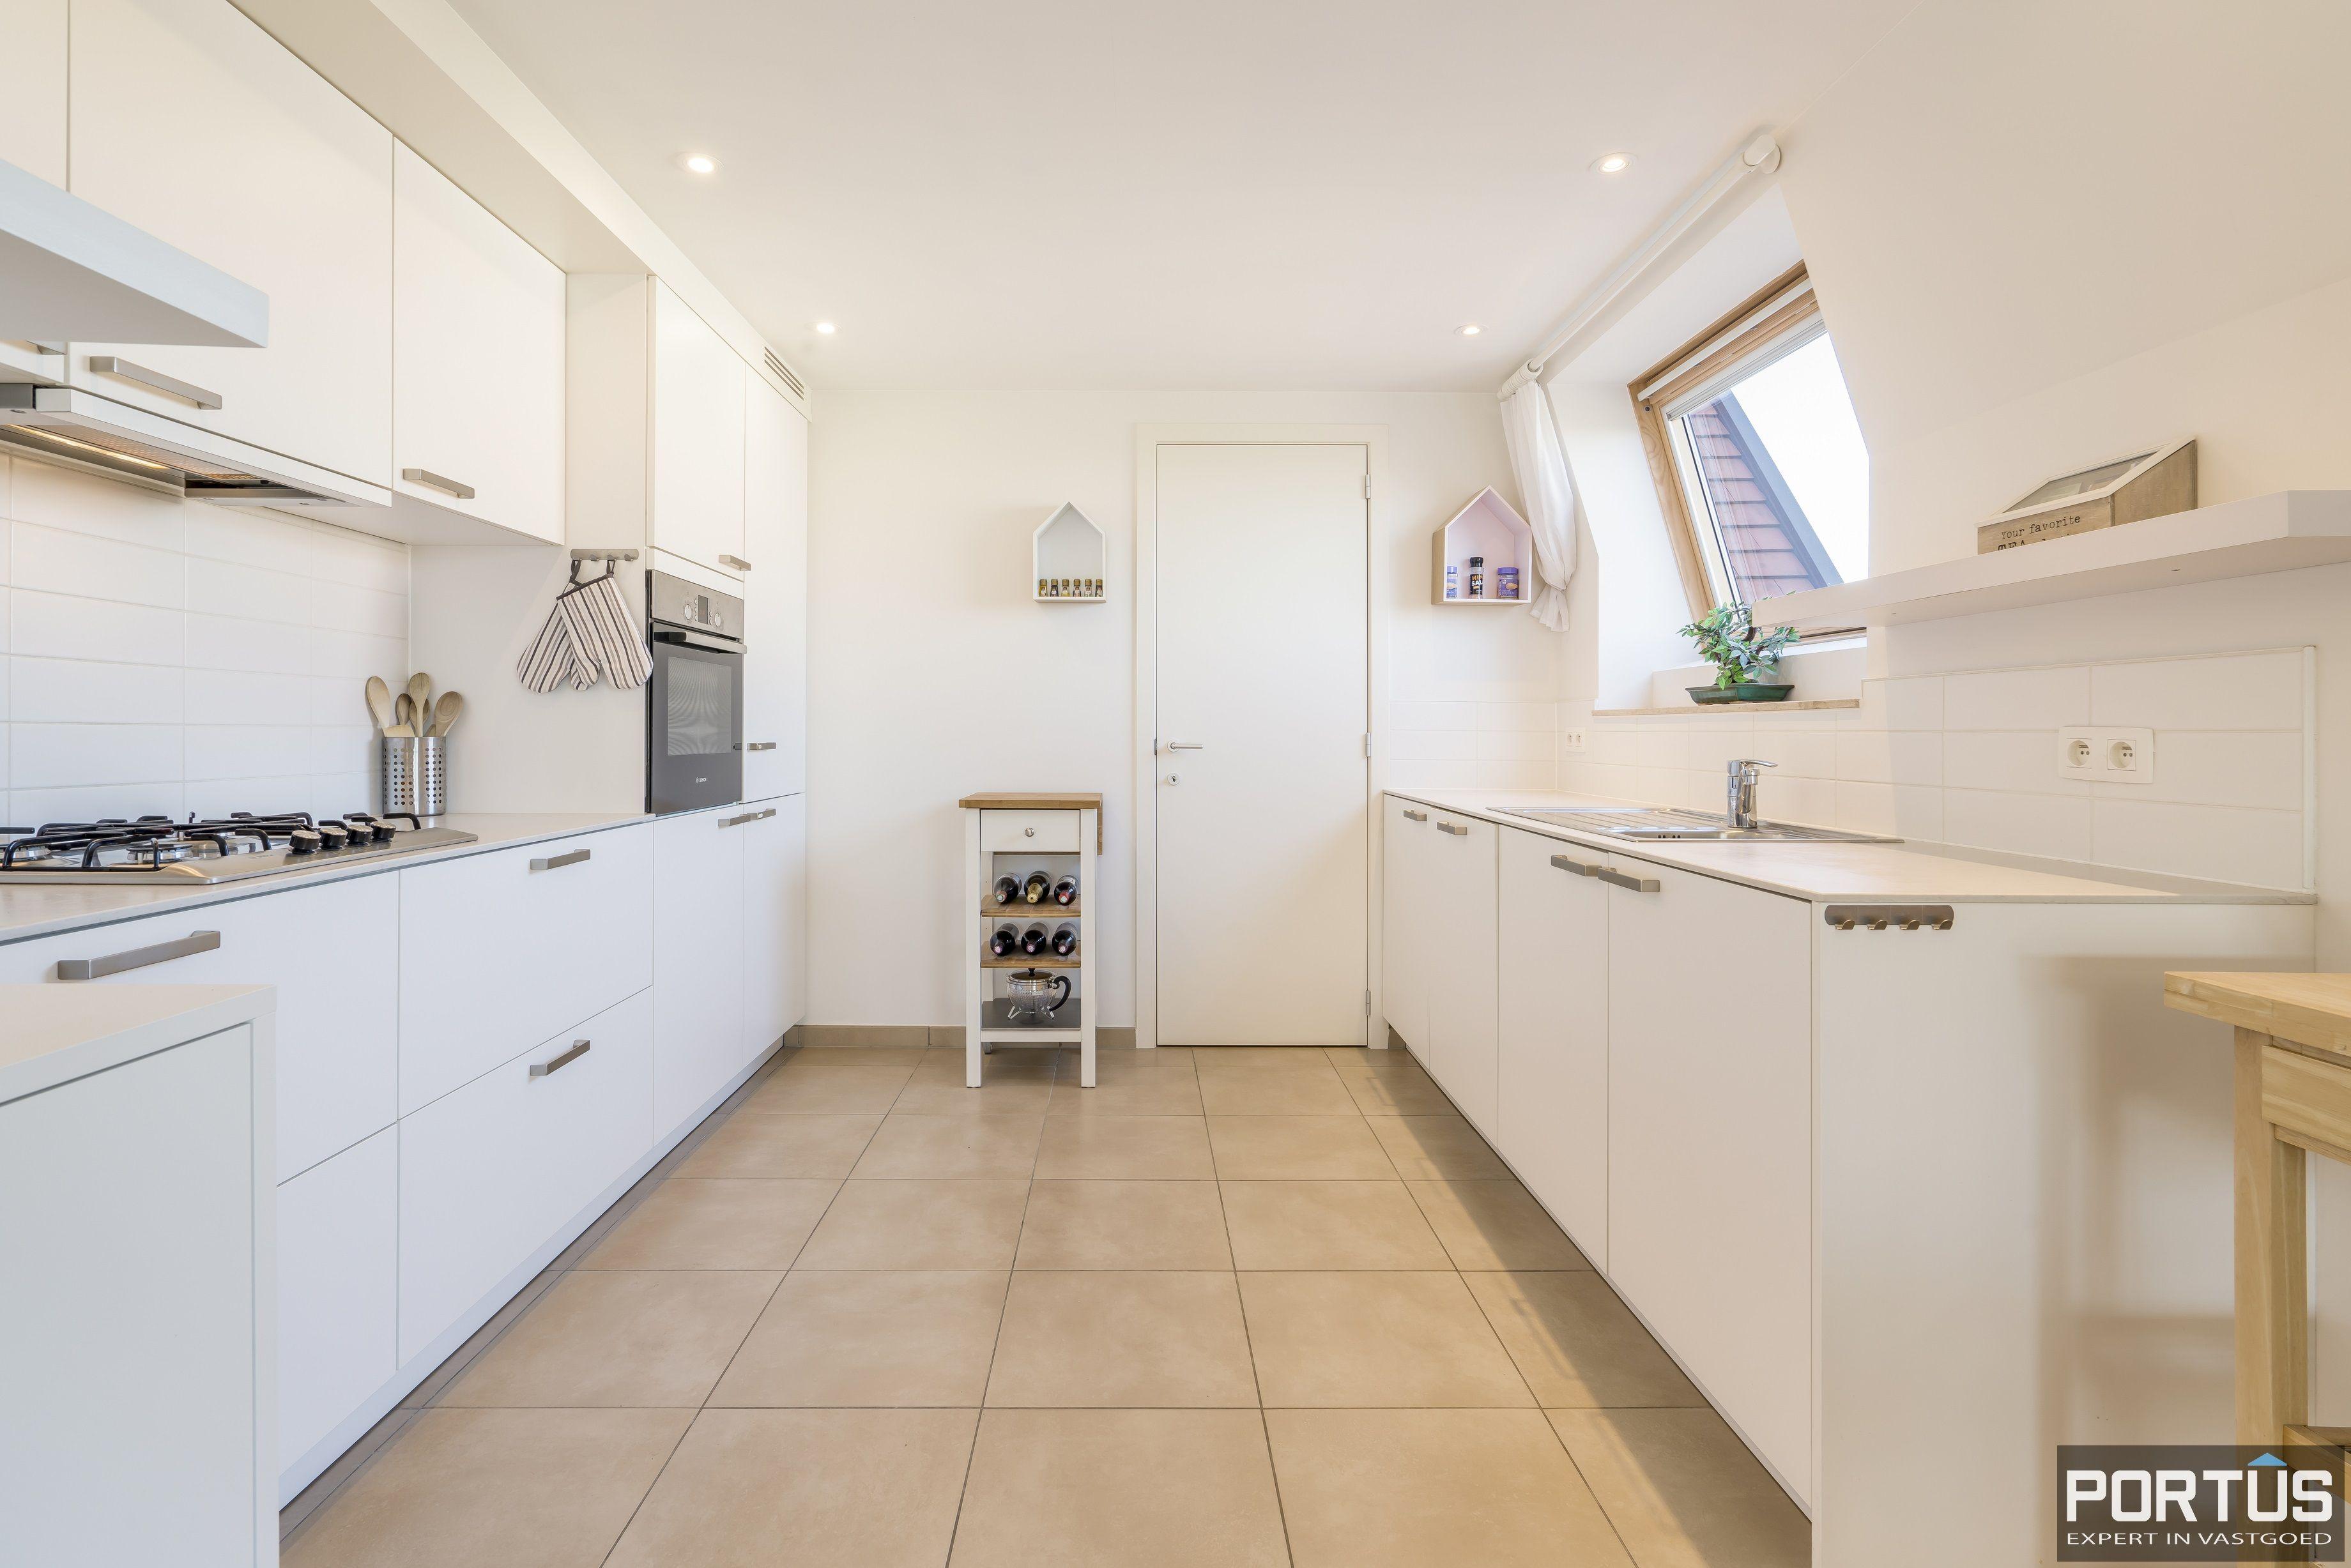 Instapklaar appartement te koop met prachtig zicht op Maritiem park te Nieuwpoort - 13306